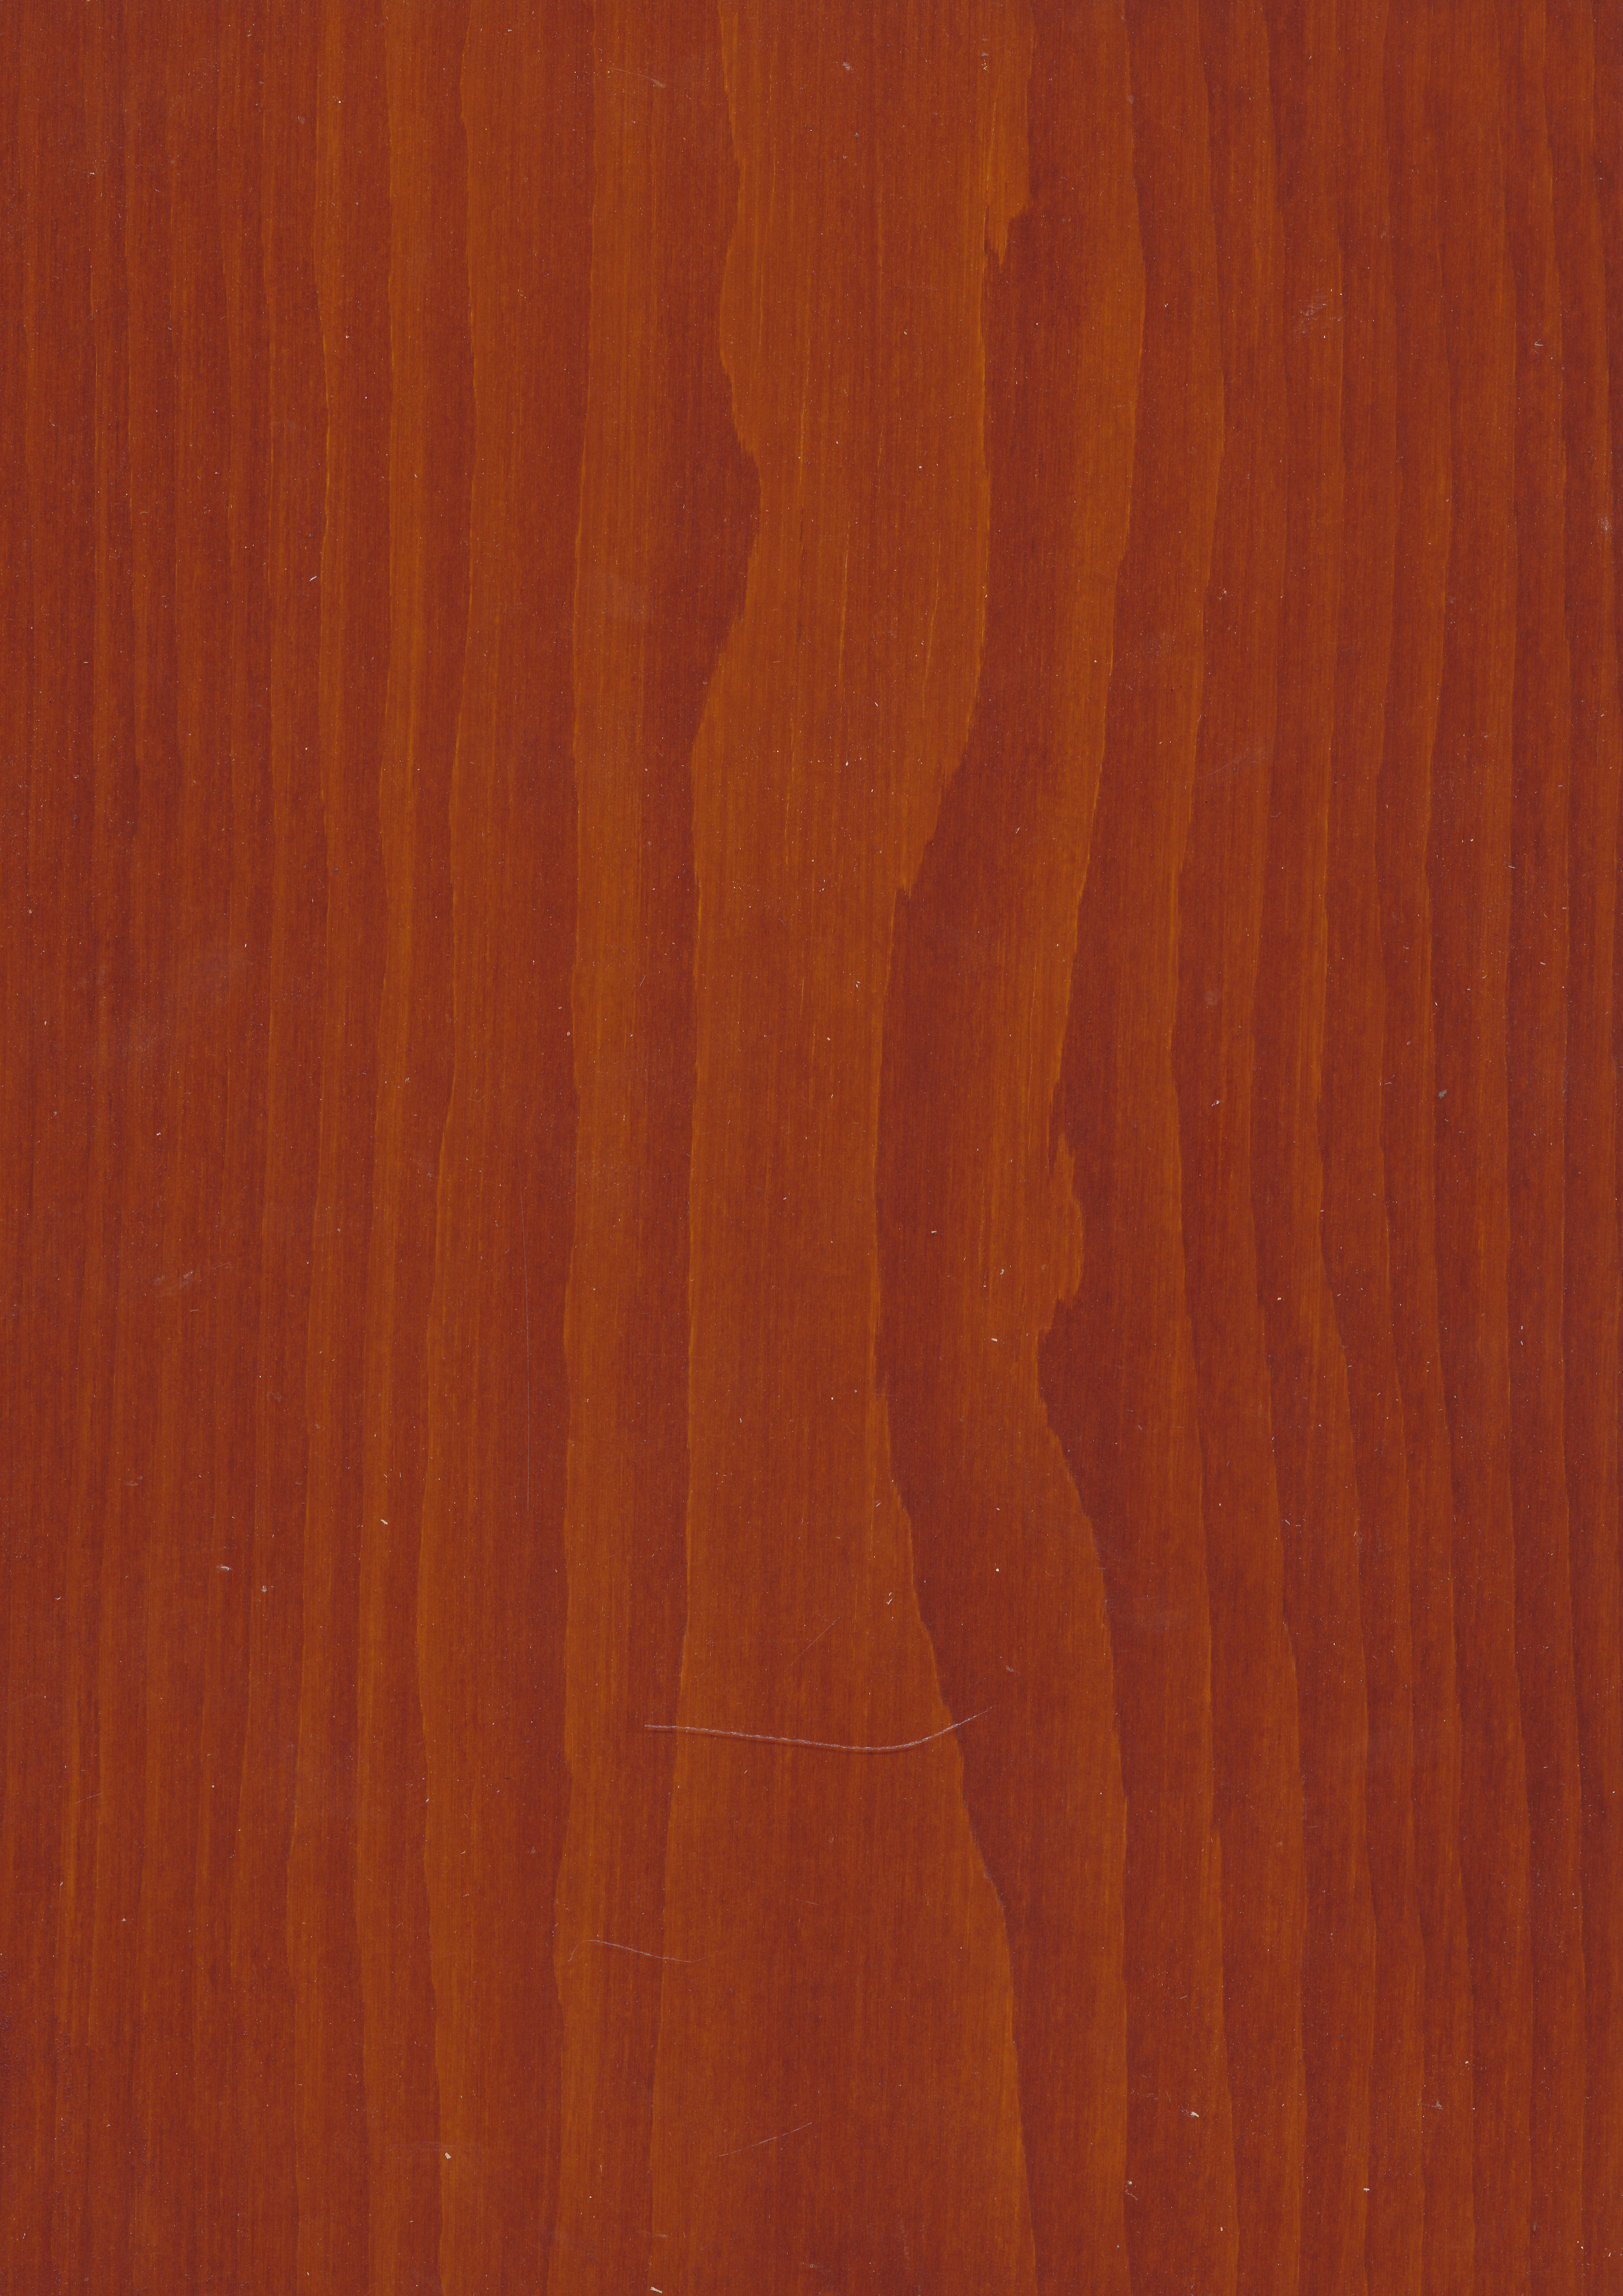 Volvox proAqua Holzlasur · mahagoni